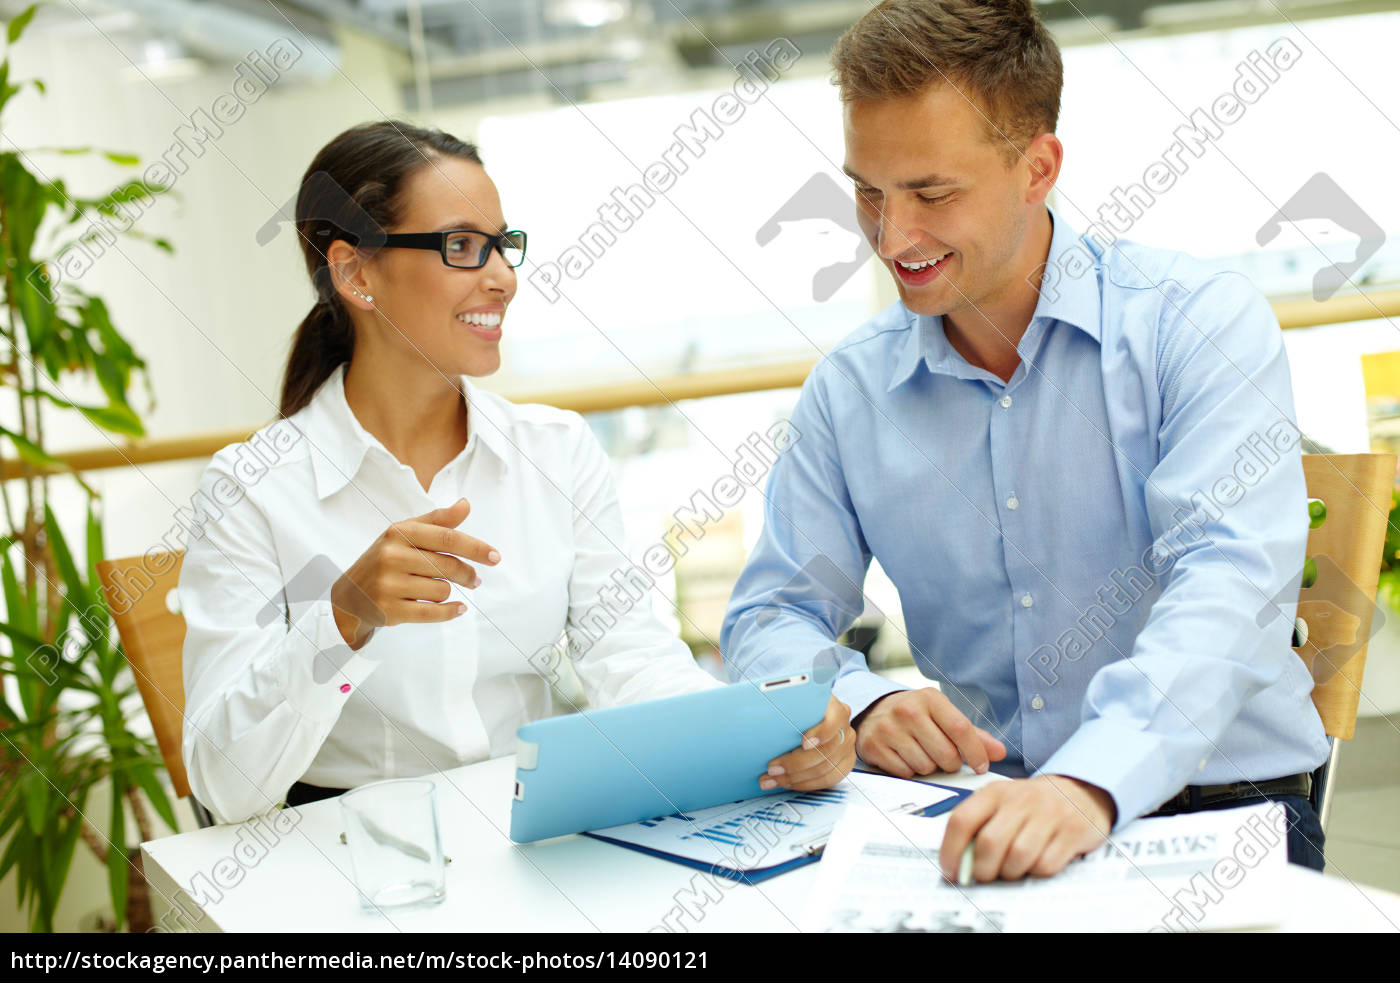 discussing, data - 14090121